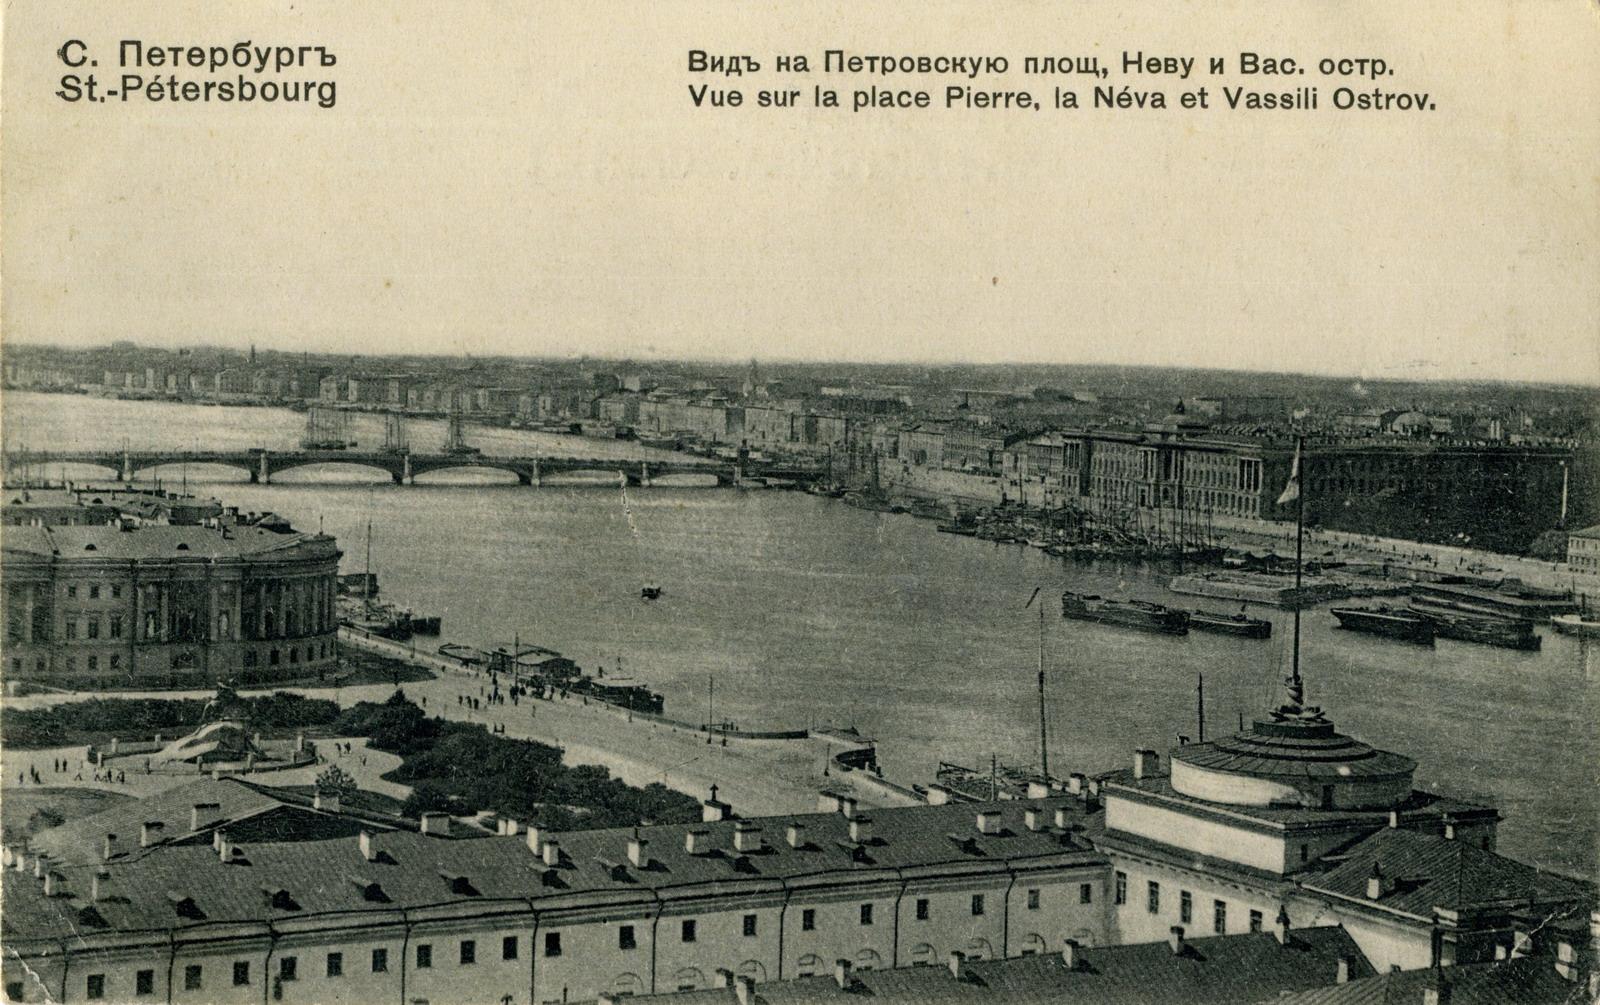 Вид на Петровскую площадь, Неву и Васильевский остров